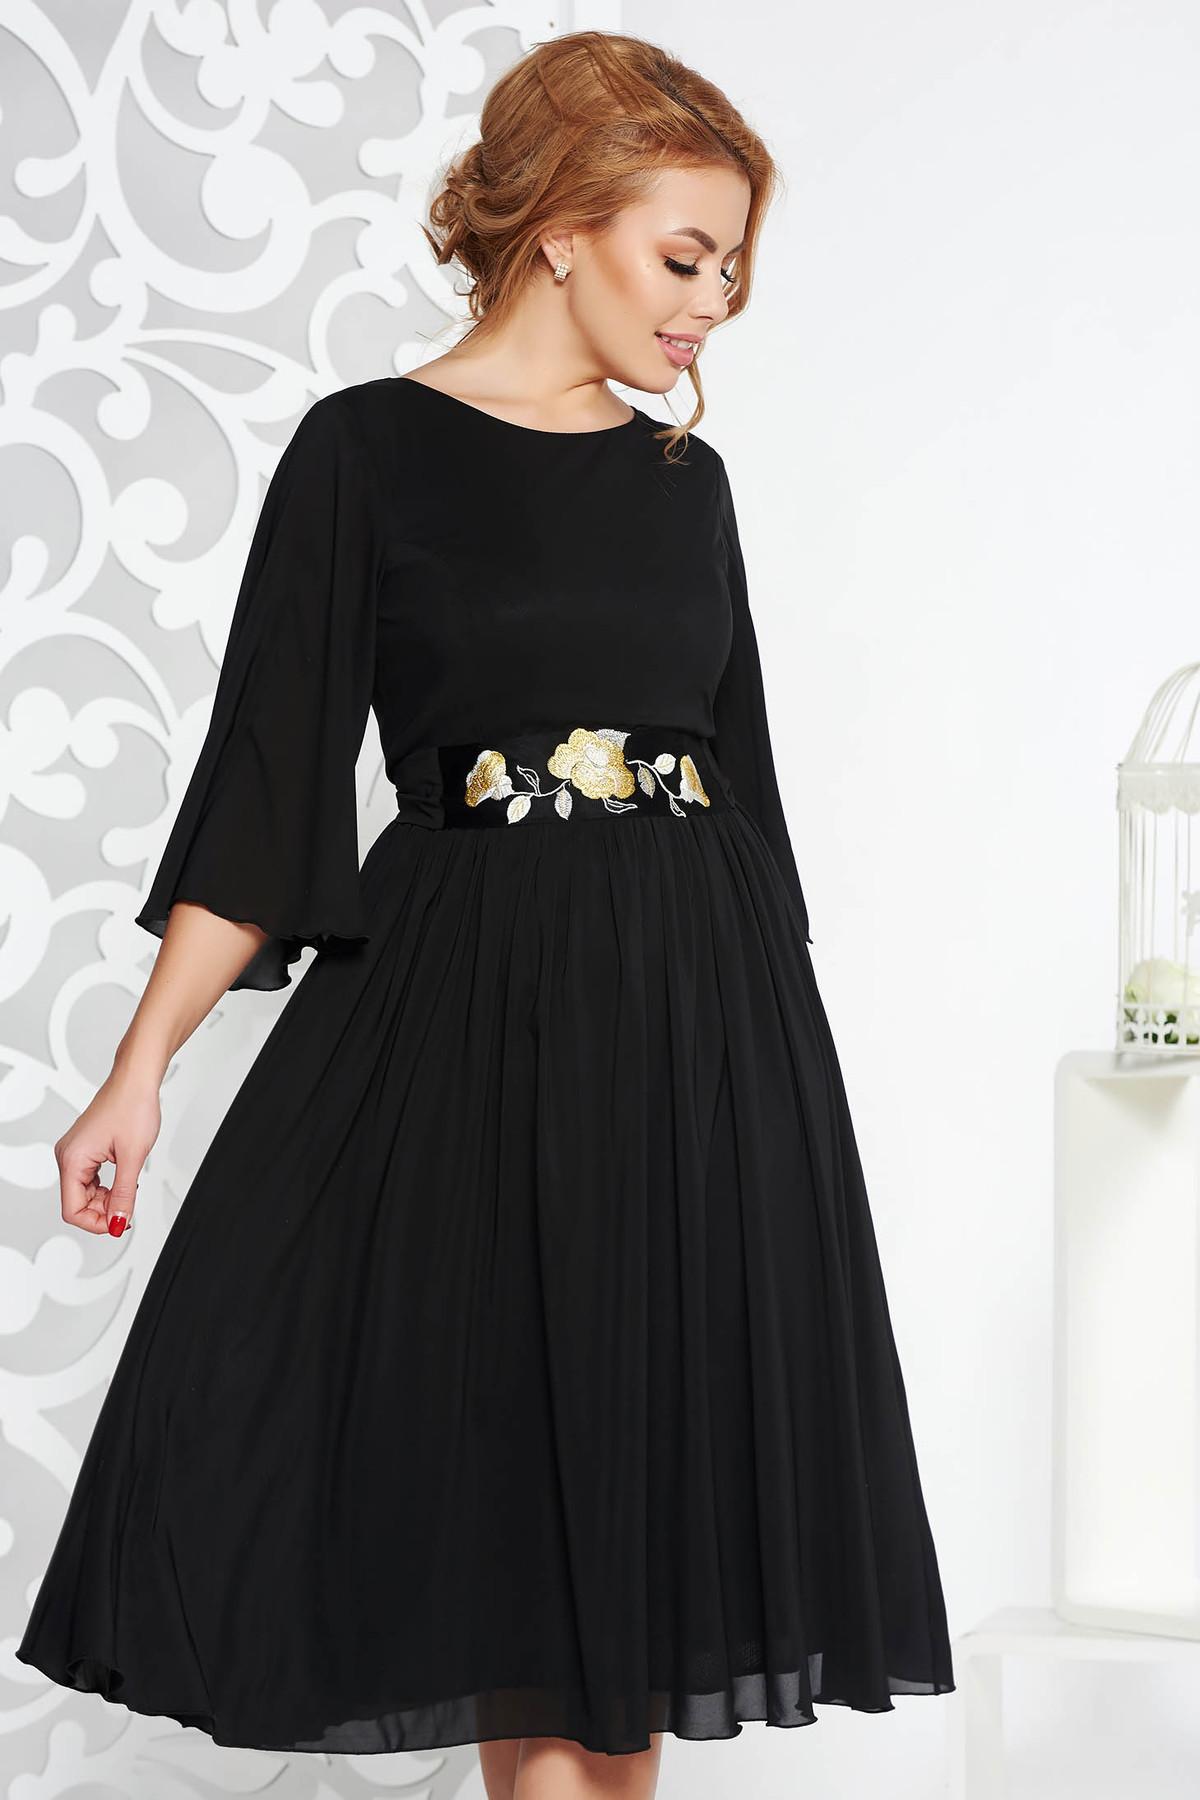 5a69edcb91 Fekete StarShinerS alkalmi harang ruha fátyol anyag belső béléssel övvel  ellátva hímzett betétekkel